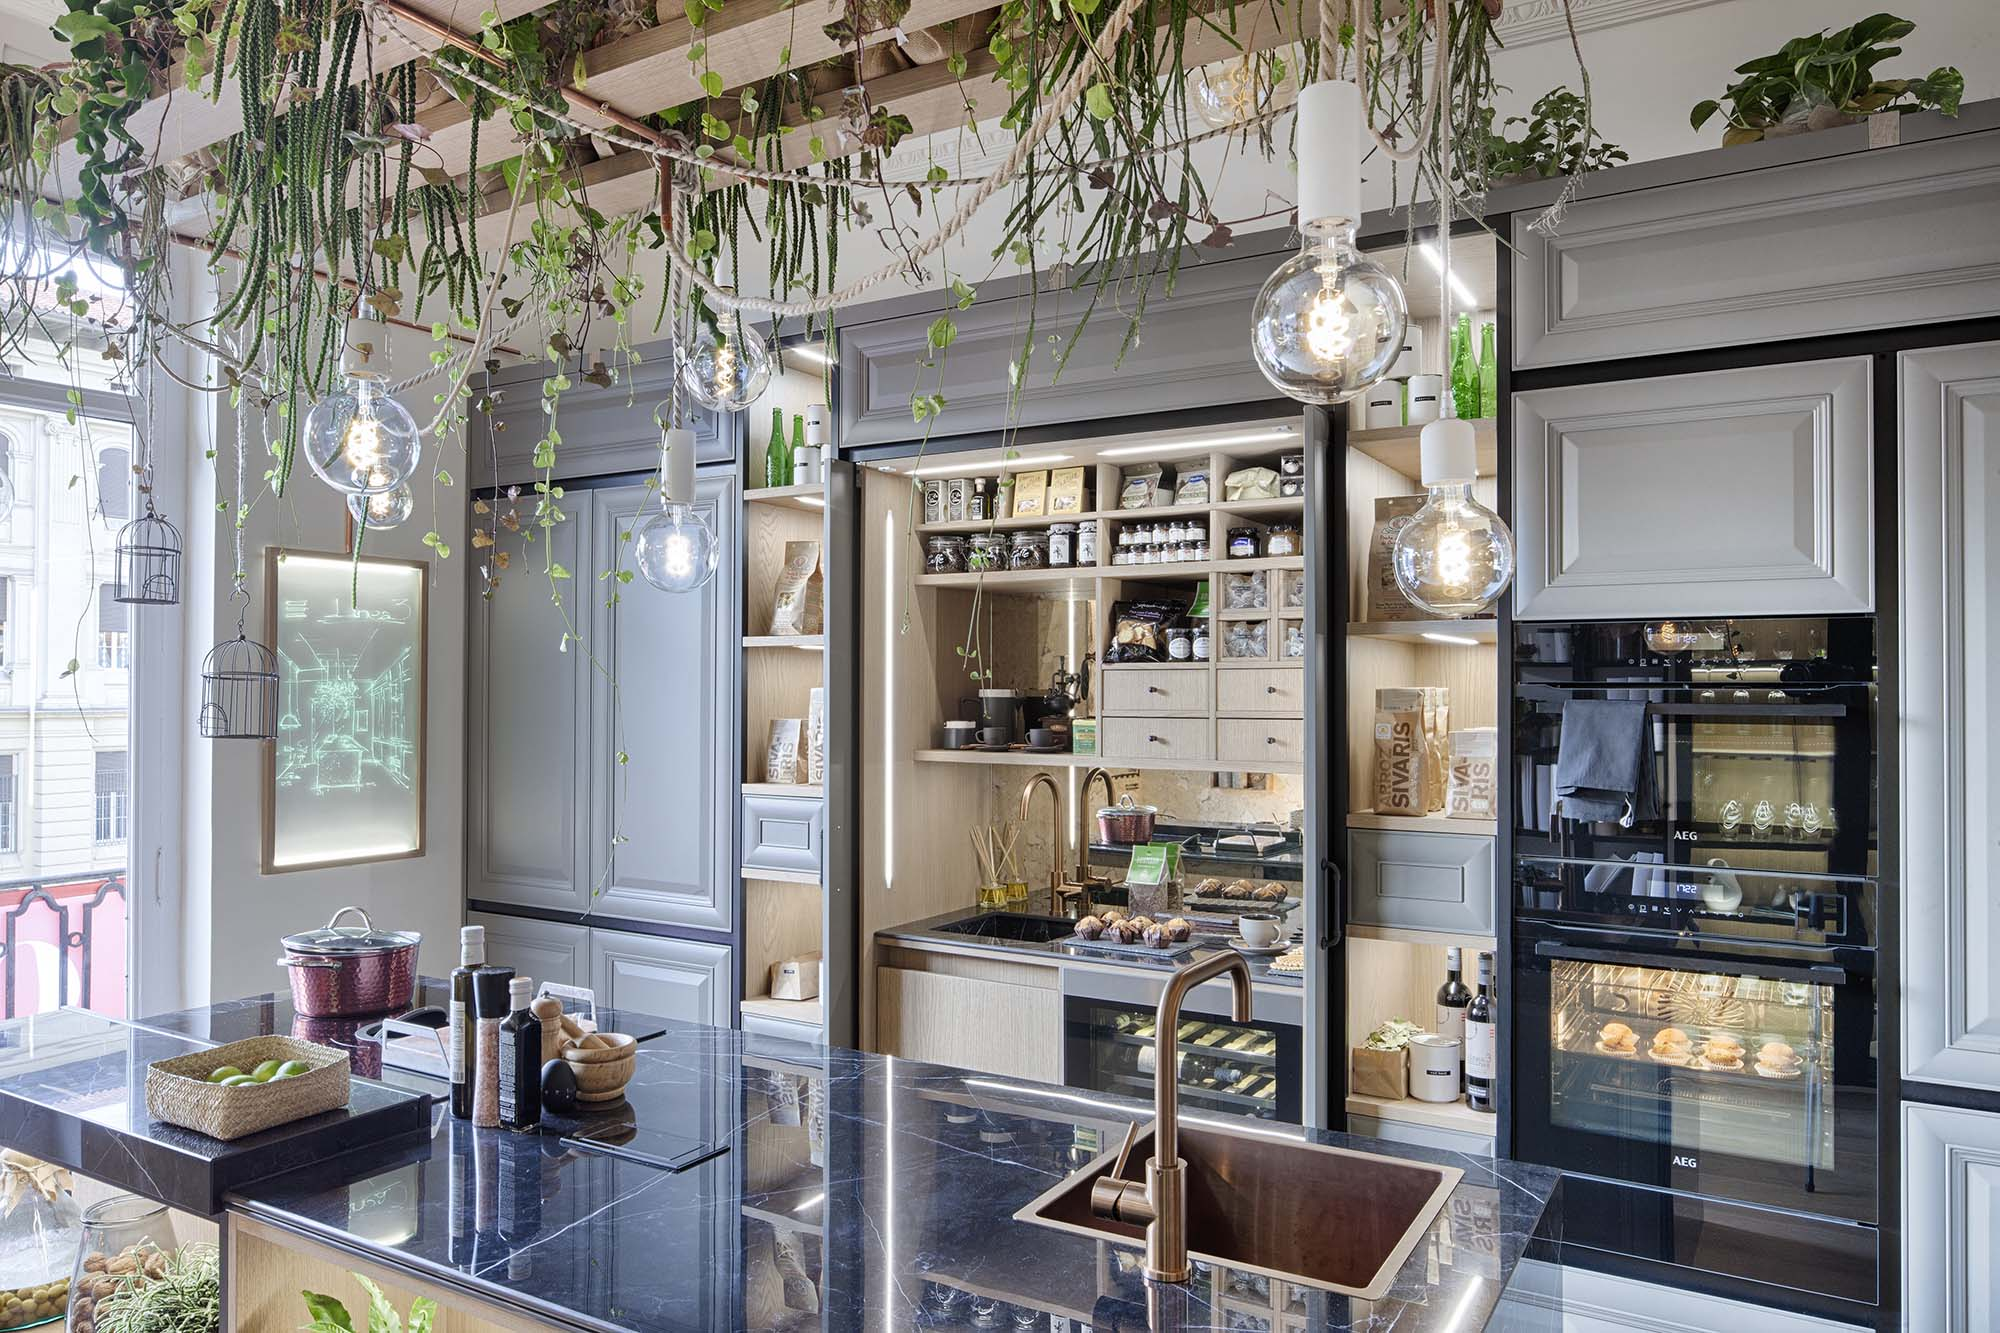 Casa decor 2019 l nea 3 cocinas vuelve a ser premiada con - Linea 3 cocinas ...